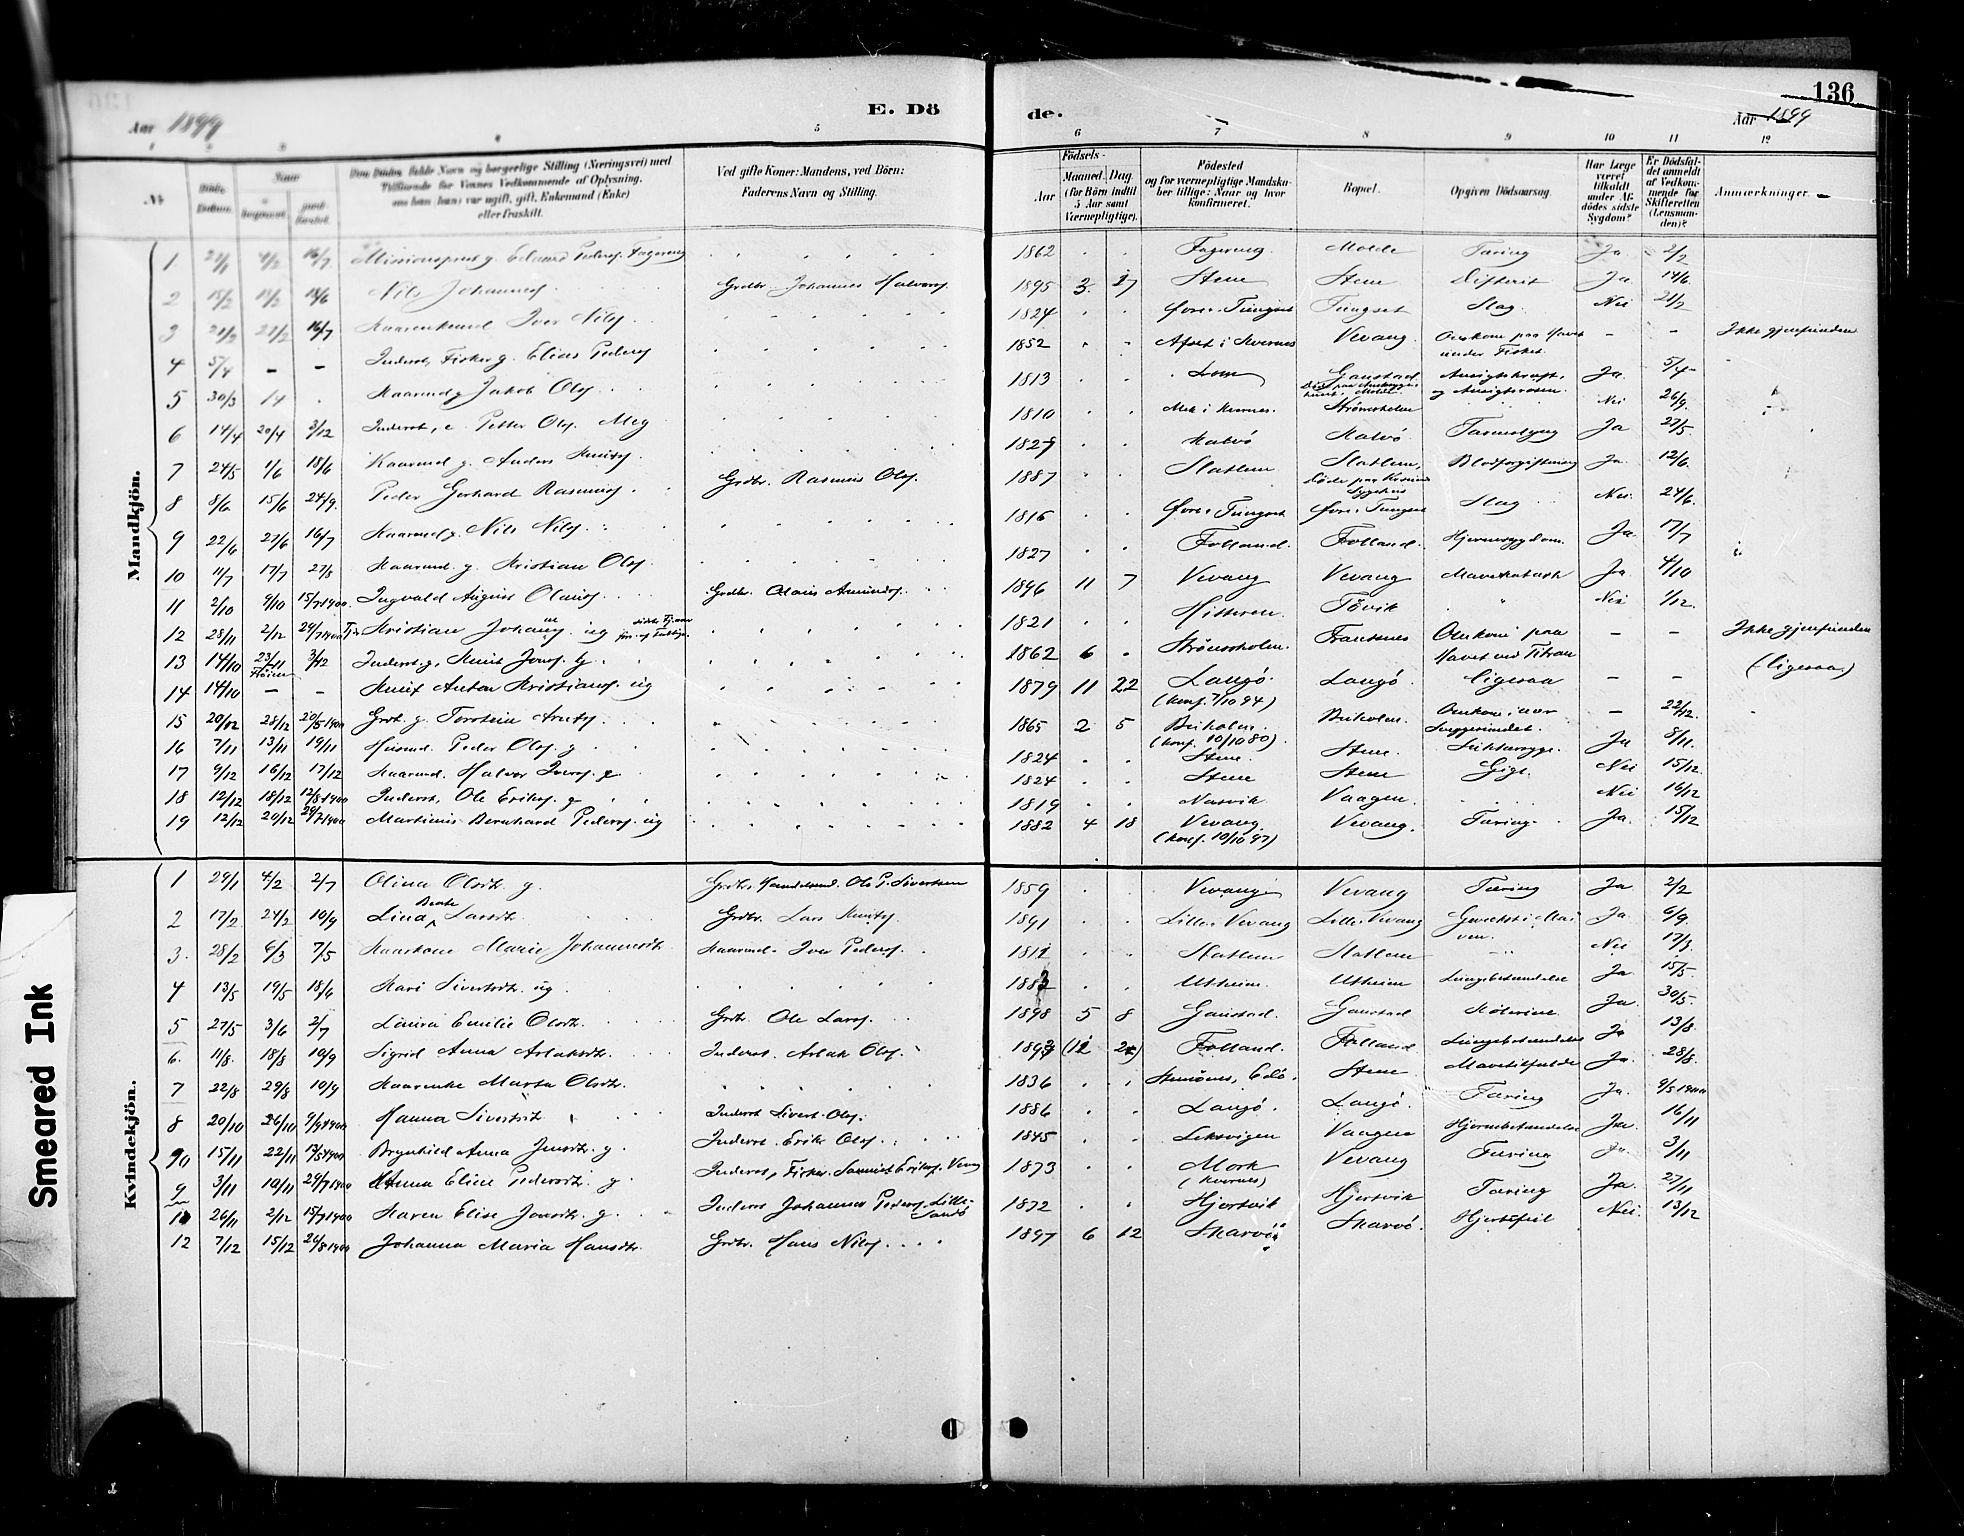 SAT, Ministerialprotokoller, klokkerbøker og fødselsregistre - Møre og Romsdal, 570/L0832: Ministerialbok nr. 570A06, 1885-1900, s. 136